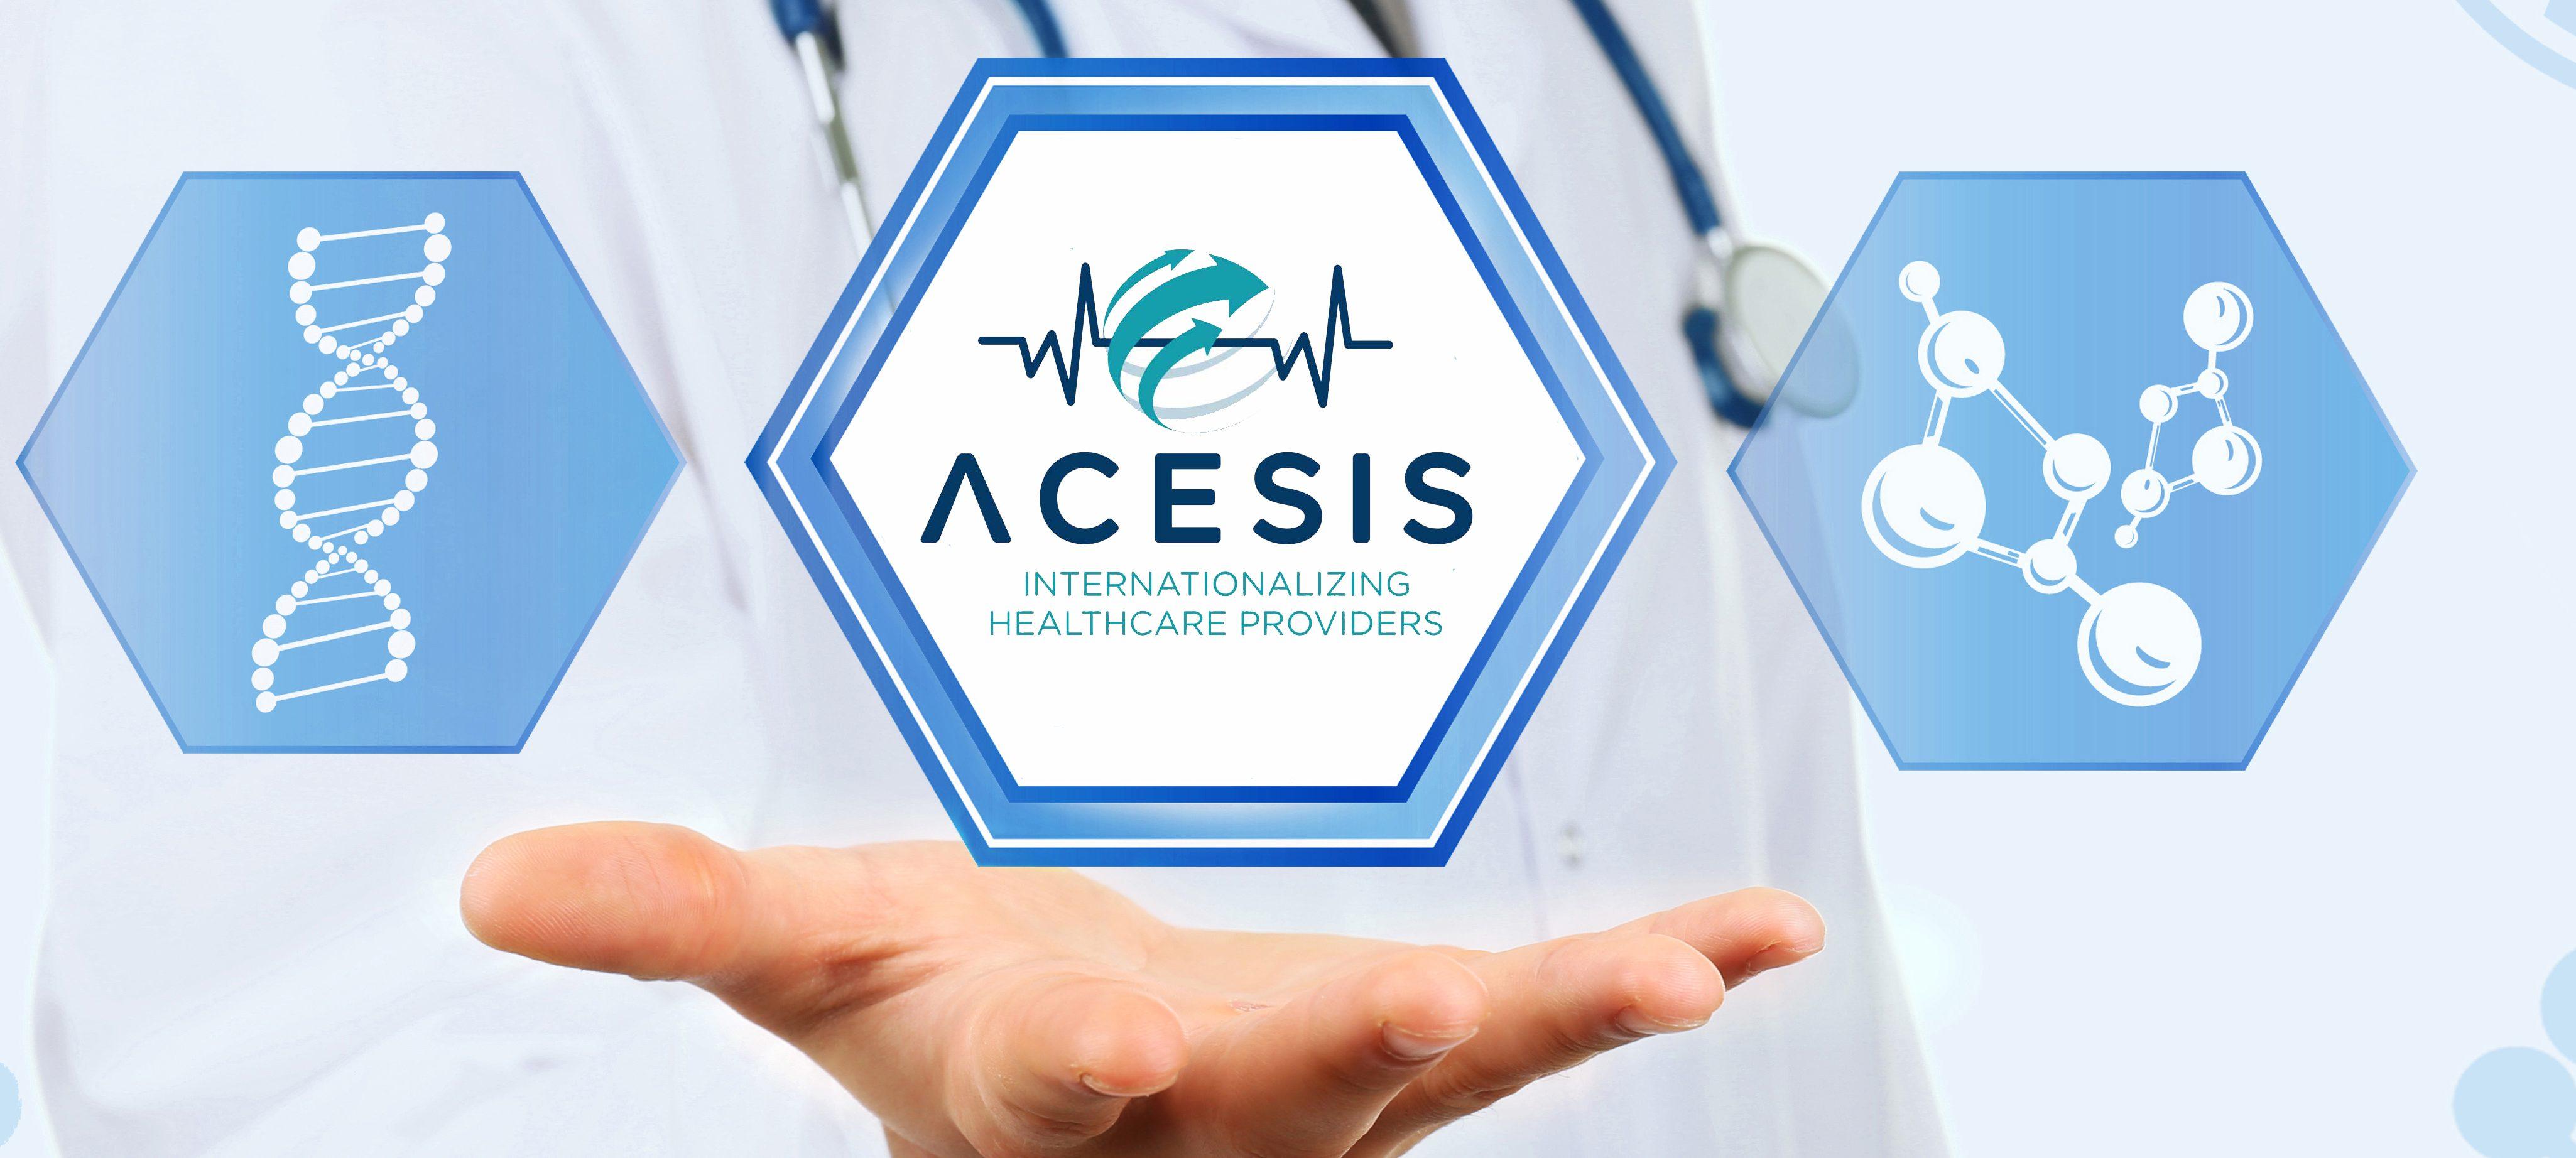 Intercare, destination health, italycares, medical tourism, turismo medicale, globalizzazione salute, senuor care